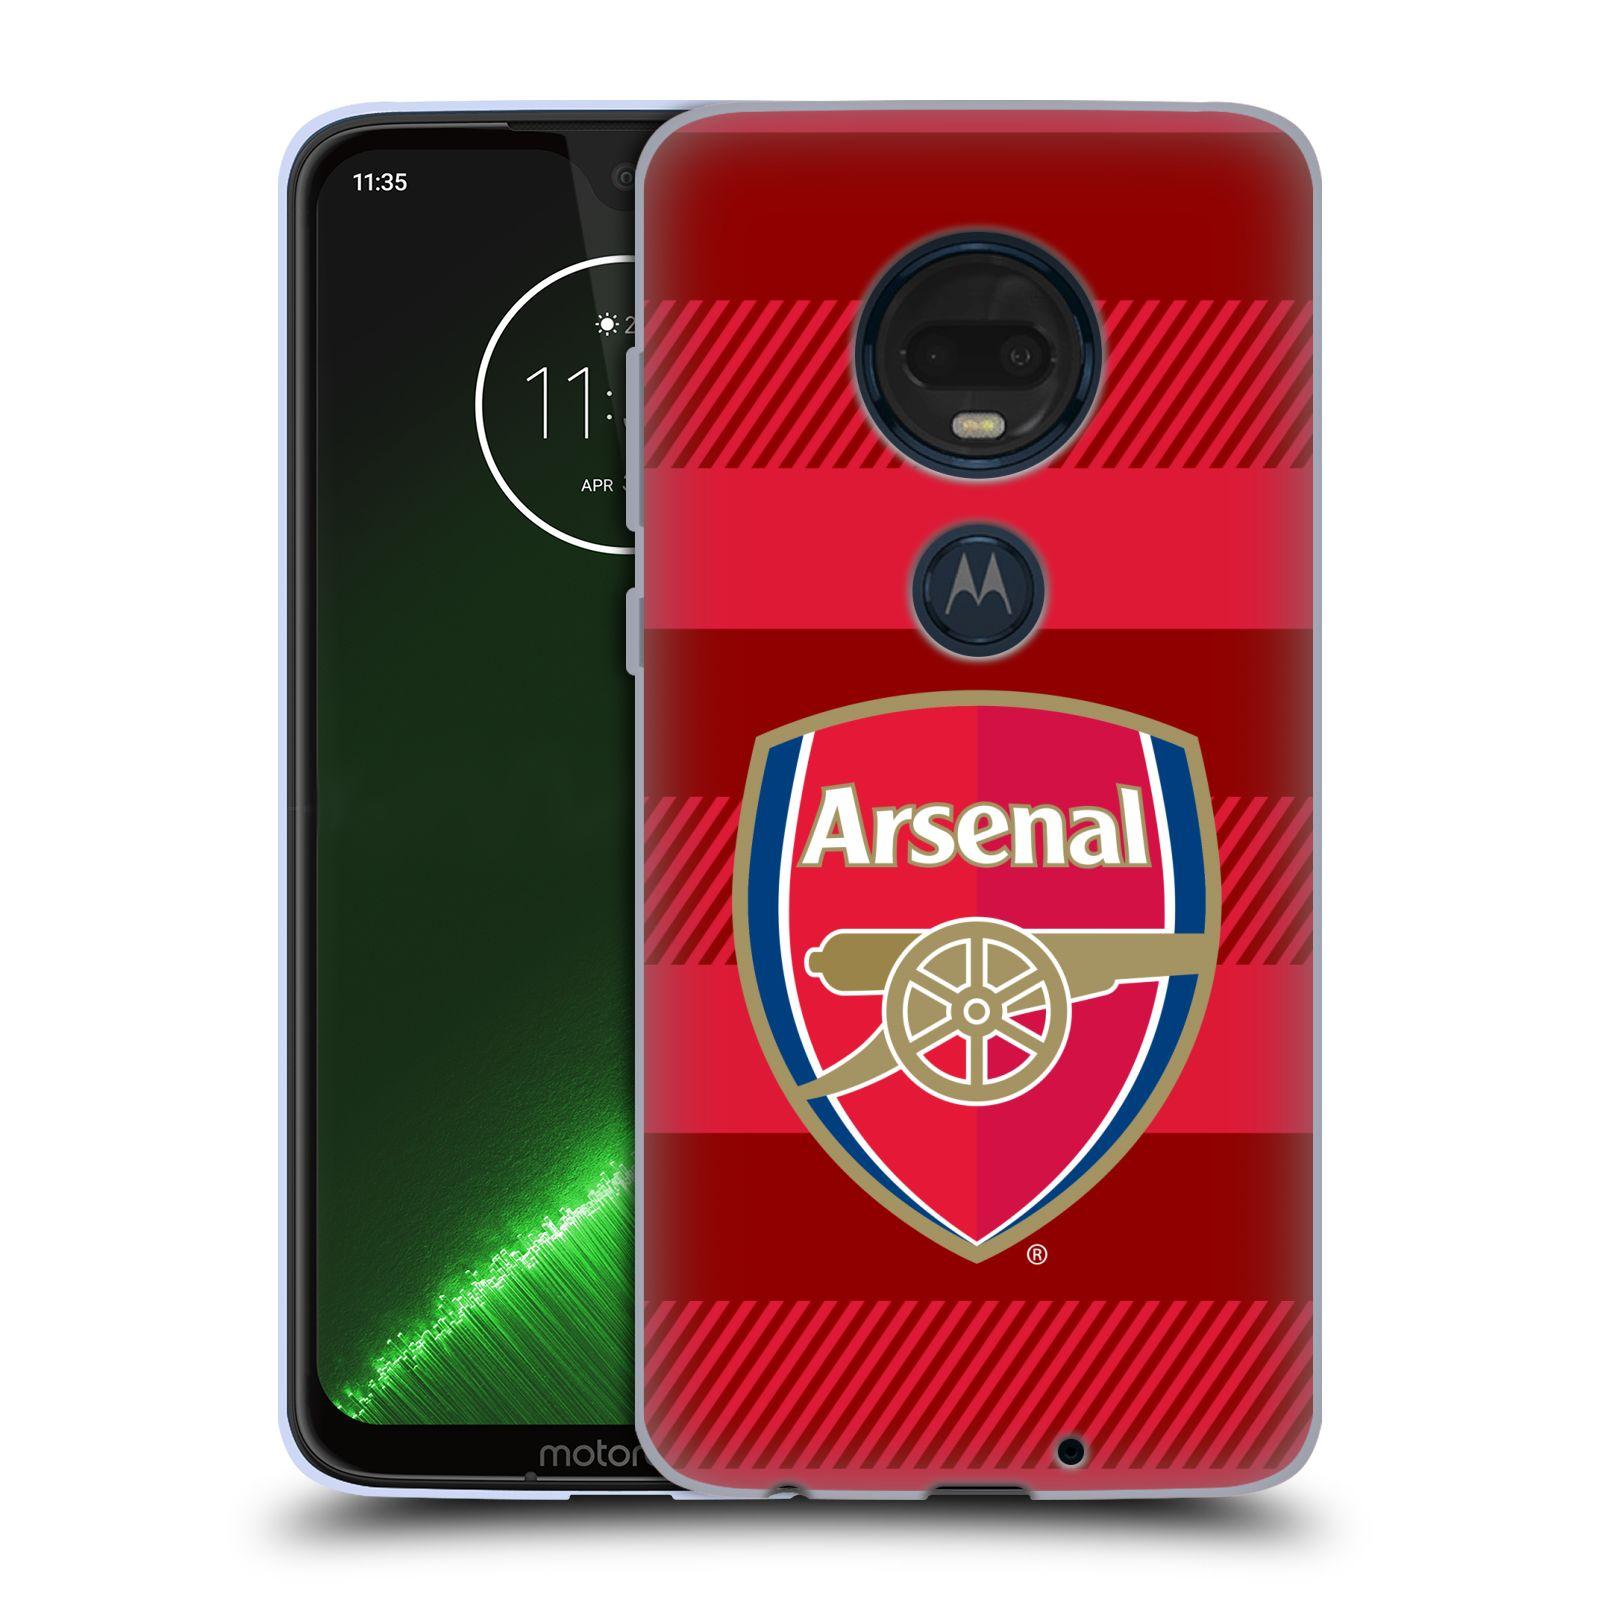 Silikonové pouzdro na mobil Motorola Moto G7 Plus - Head Case - Arsenal FC - Logo s pruhy